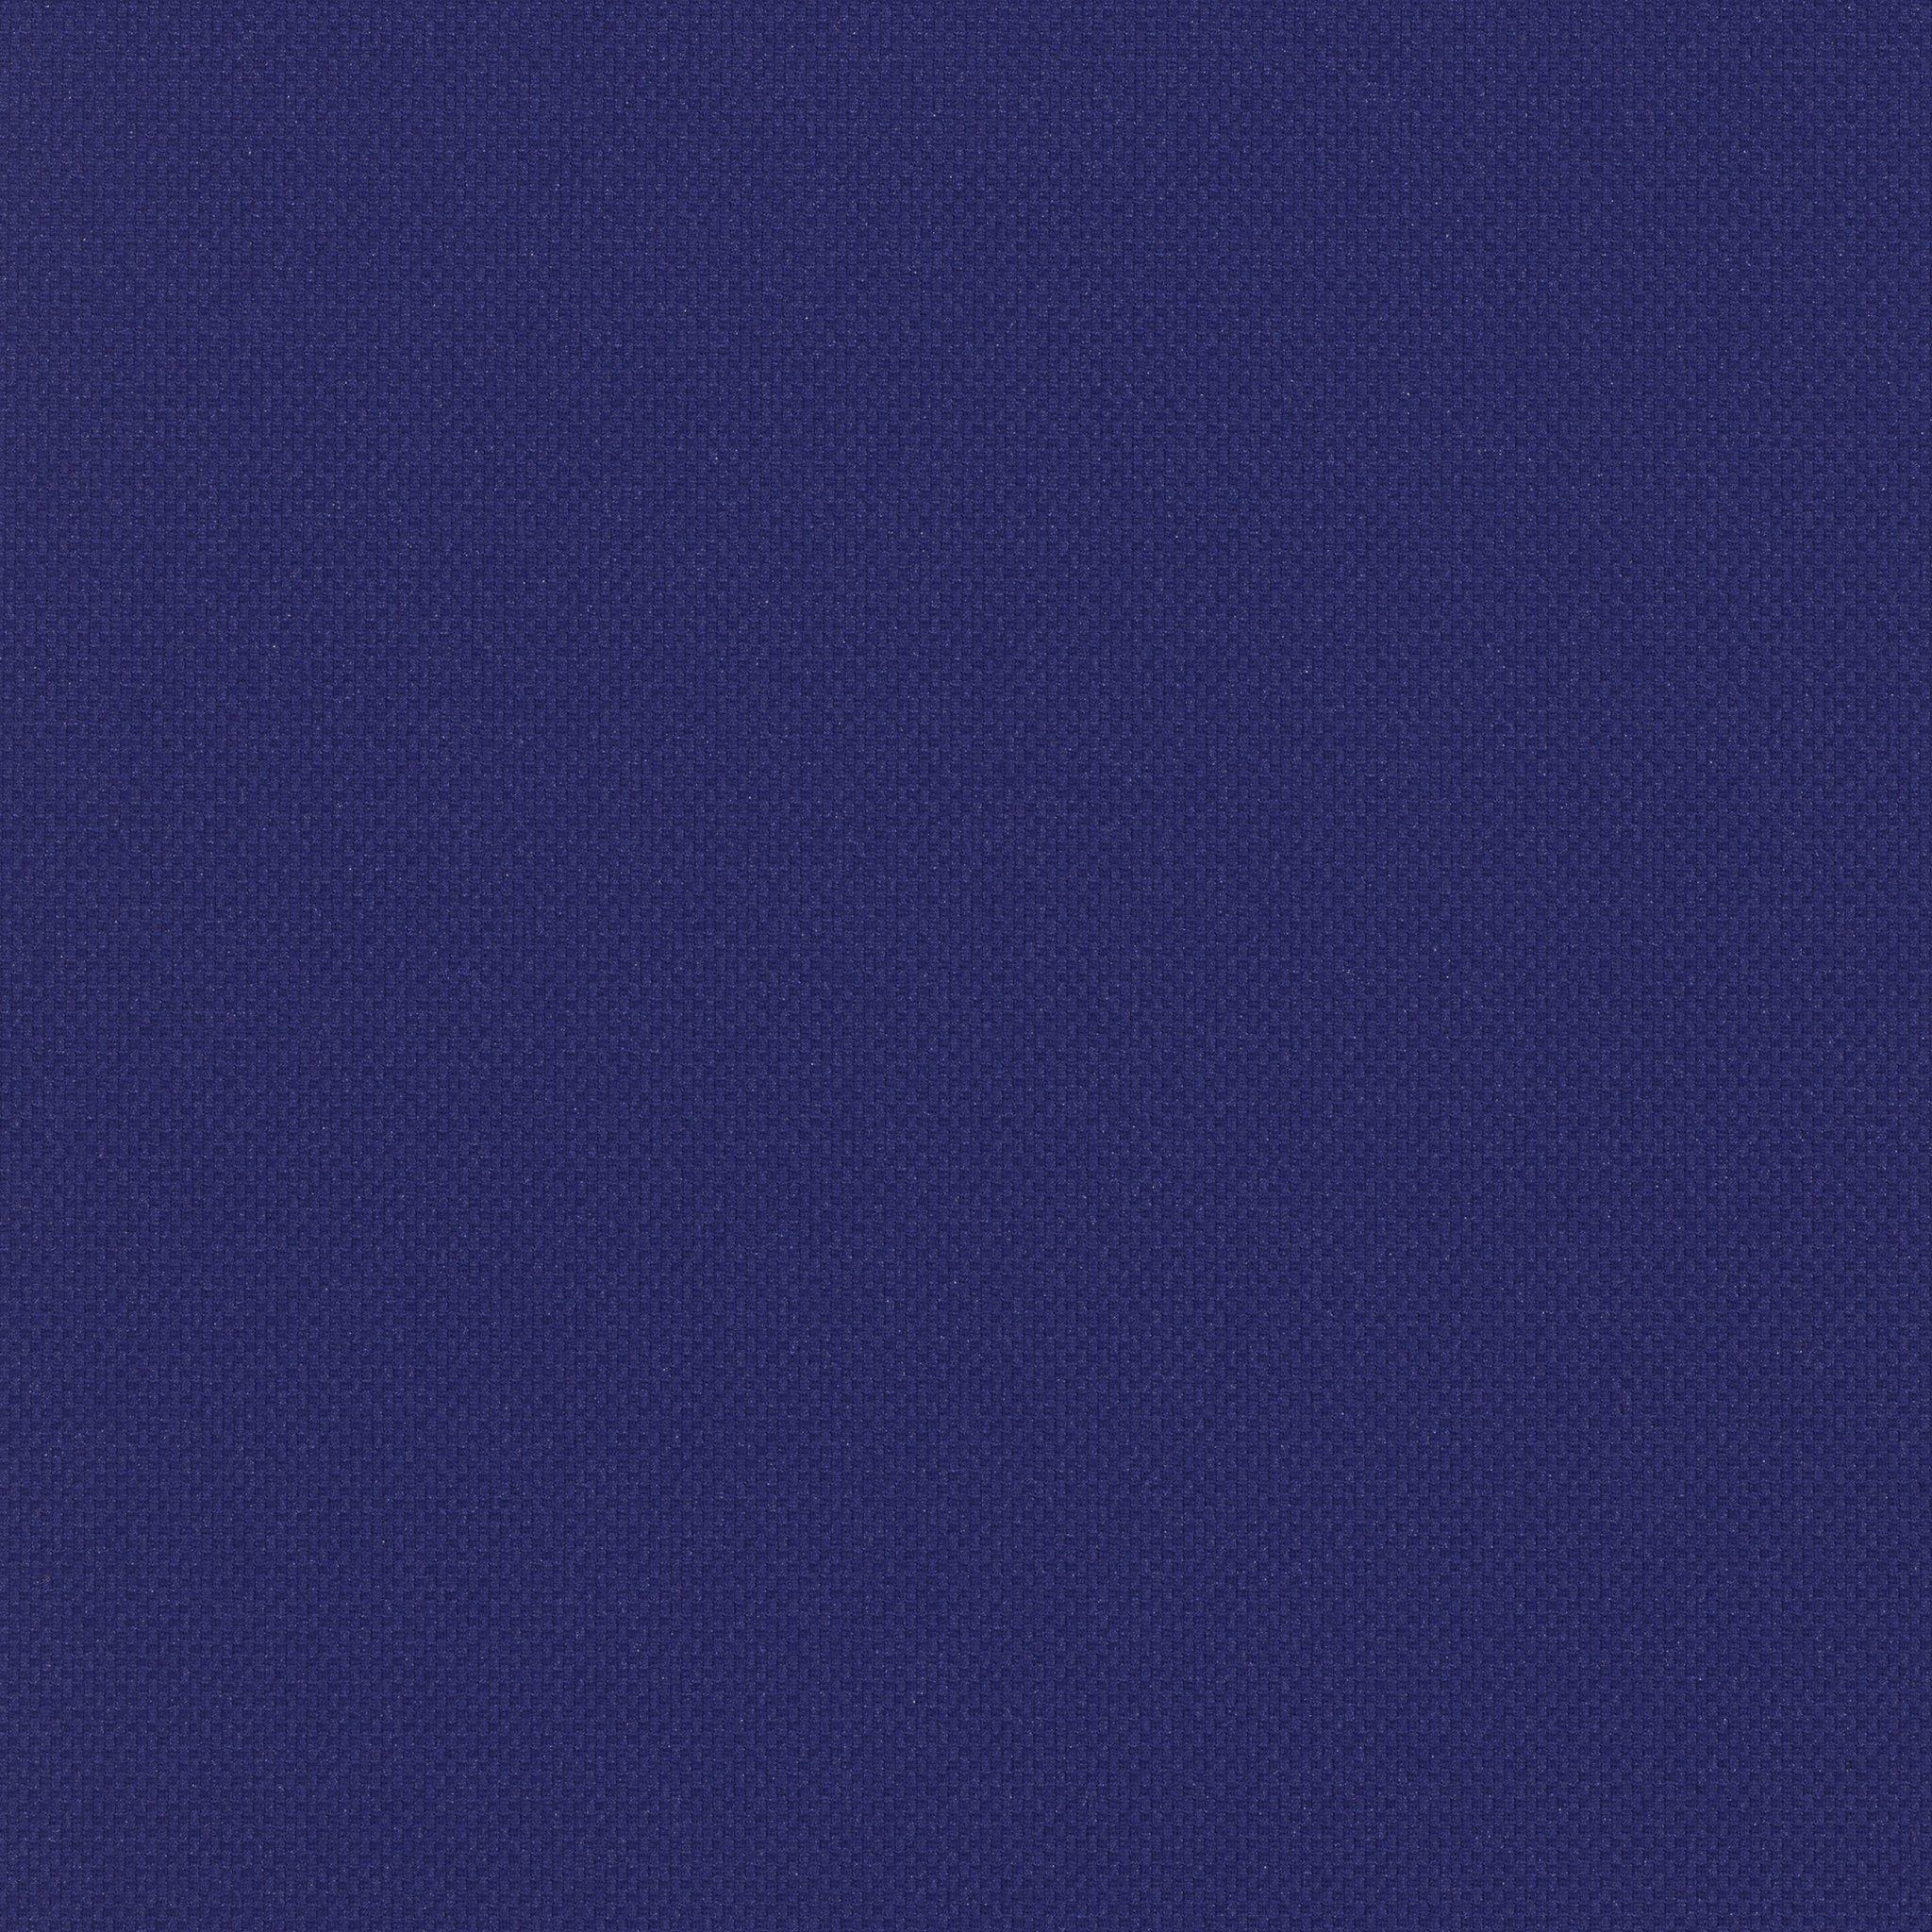 Kvadrat tissu ace for Scandic design